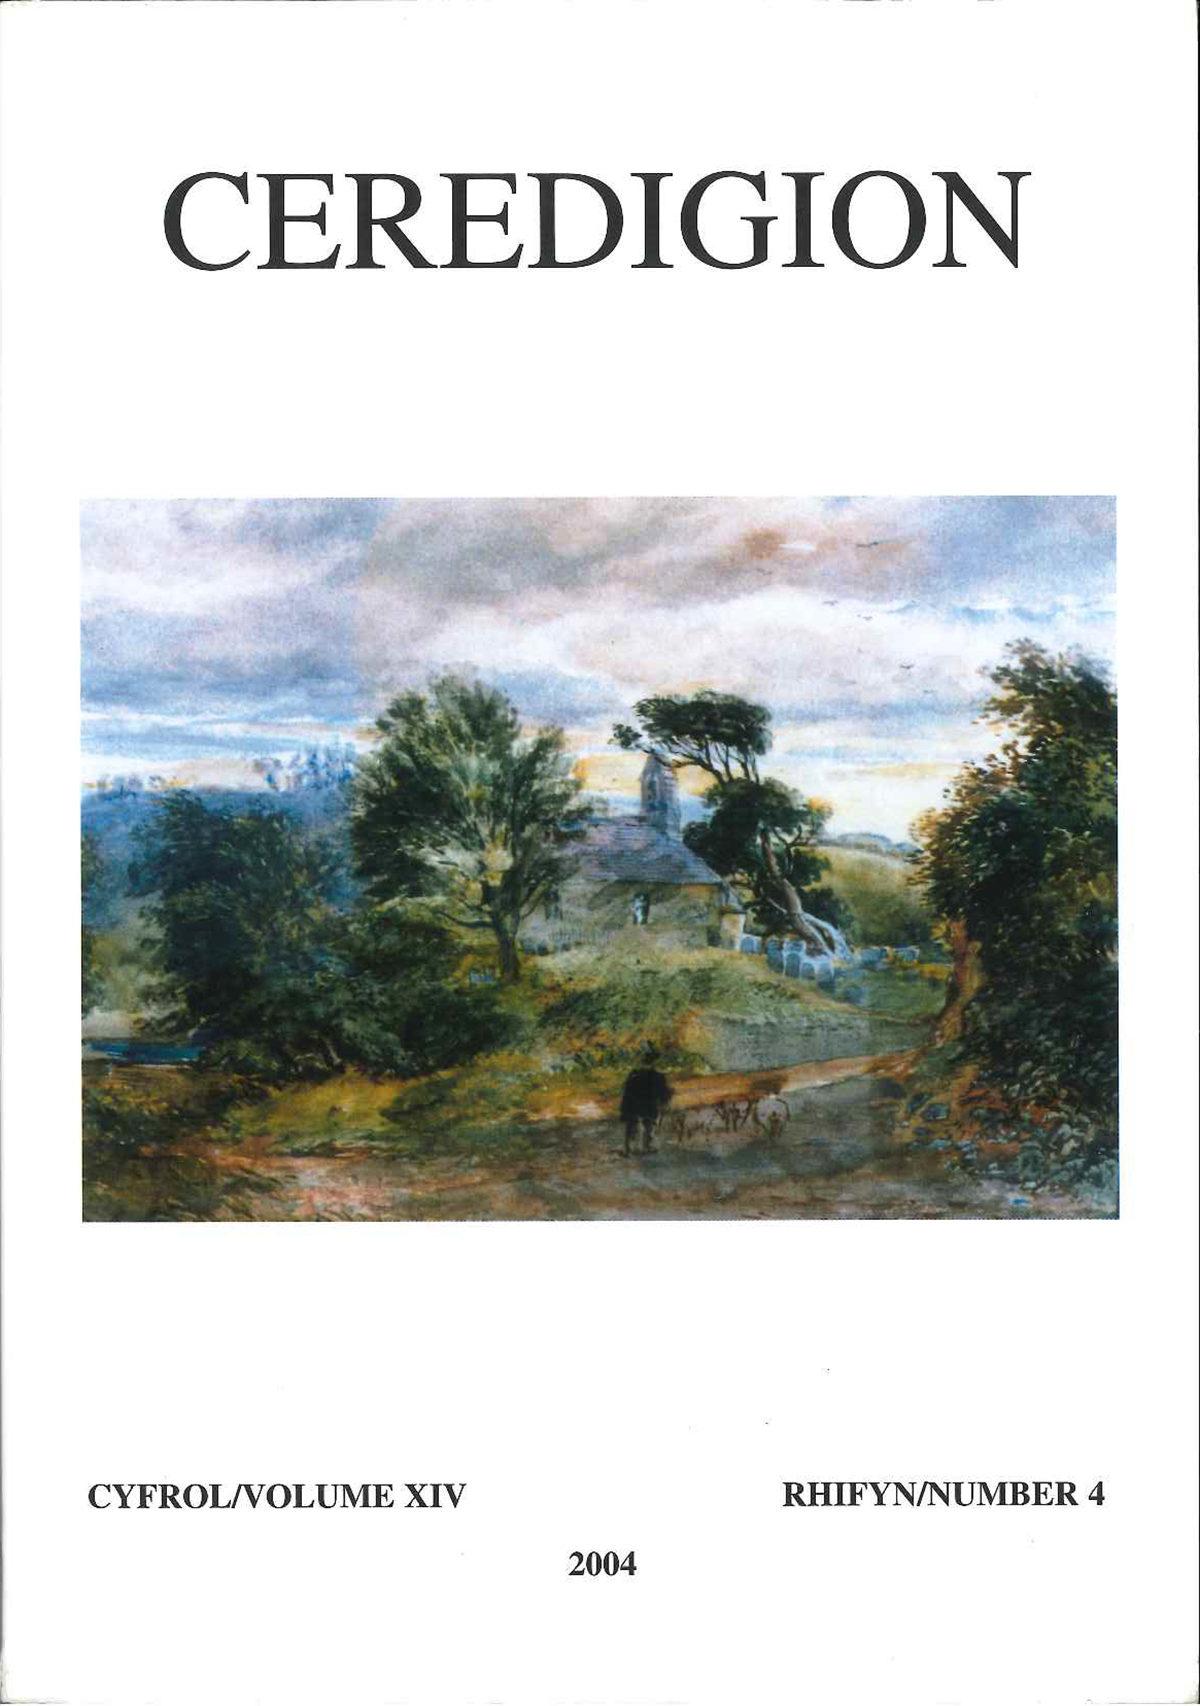 Ceredigion - Cylchgrawn Cymdeithas Hanes Ceredigion, Cyfrol XIV, Rhifyn 4, 2004 - ISBN 0069 2263